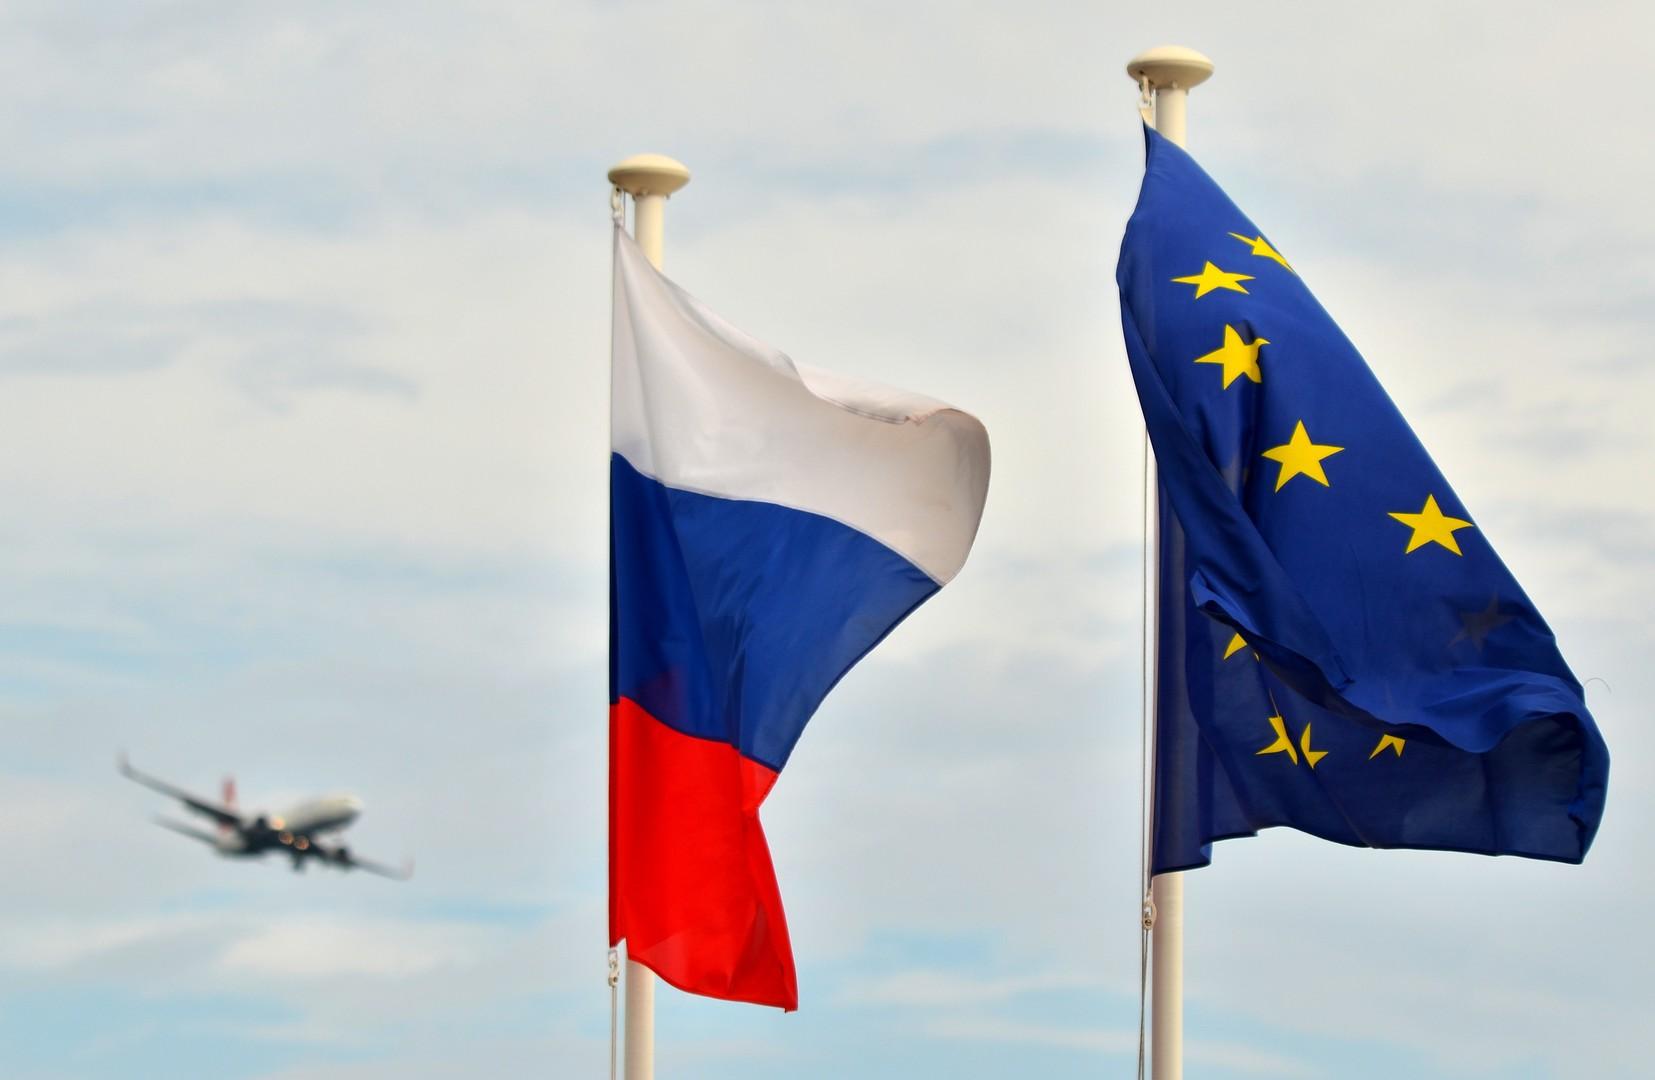 Немецкие СМИ: Москва и Европа нуждаются в ослаблении санкций